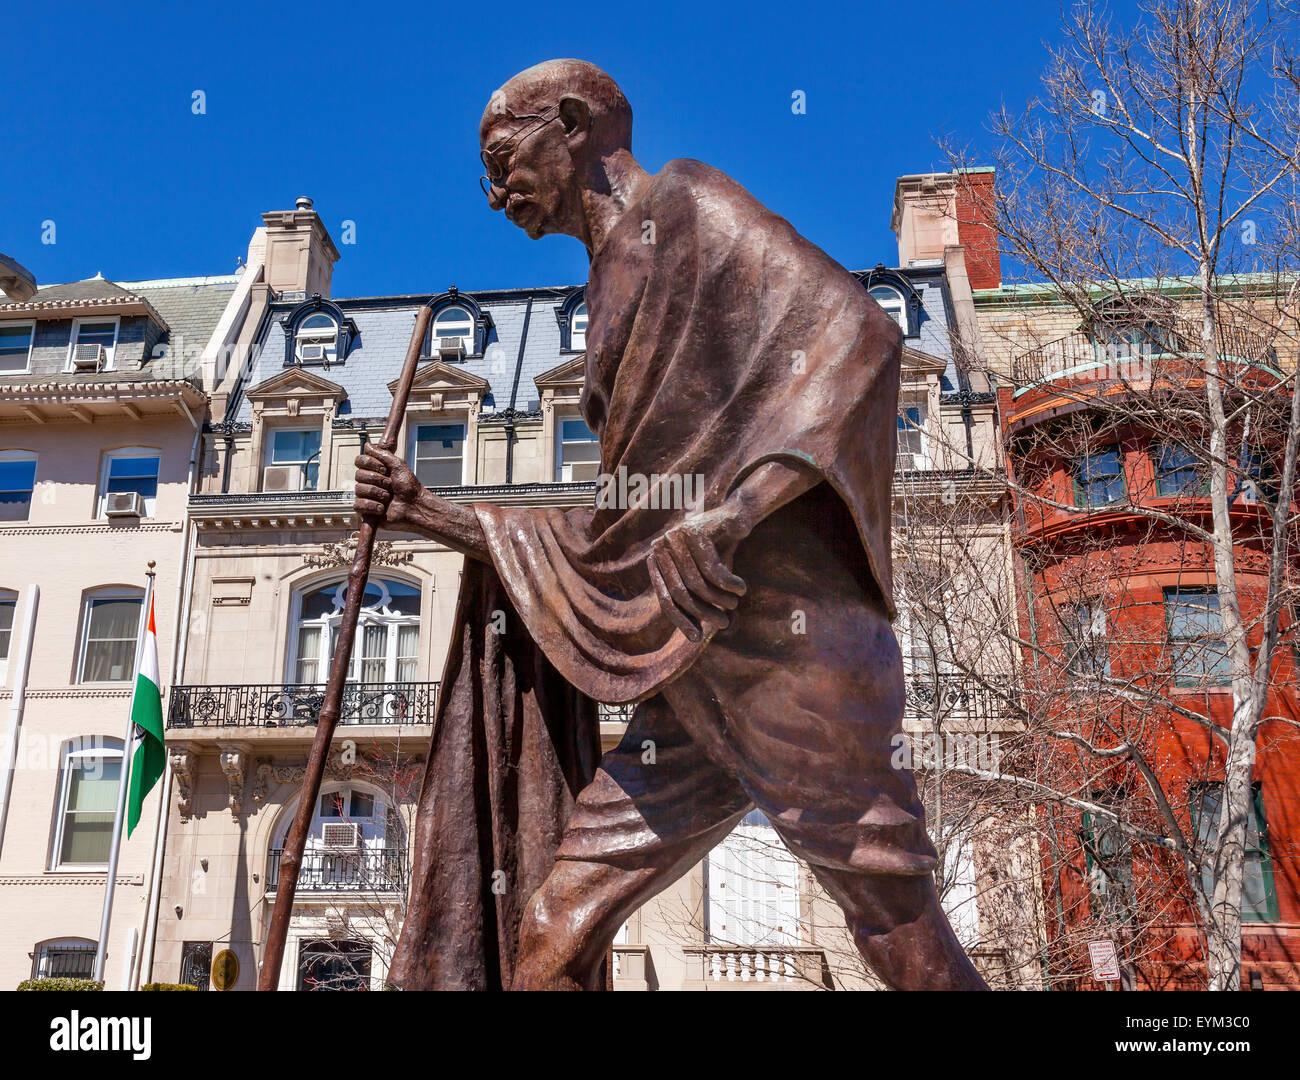 Mahatma Mohandas Gandhi Public Statue Front of Indian Embassy Embassy Row Massachusetts Ave Washington DC. - Stock Image